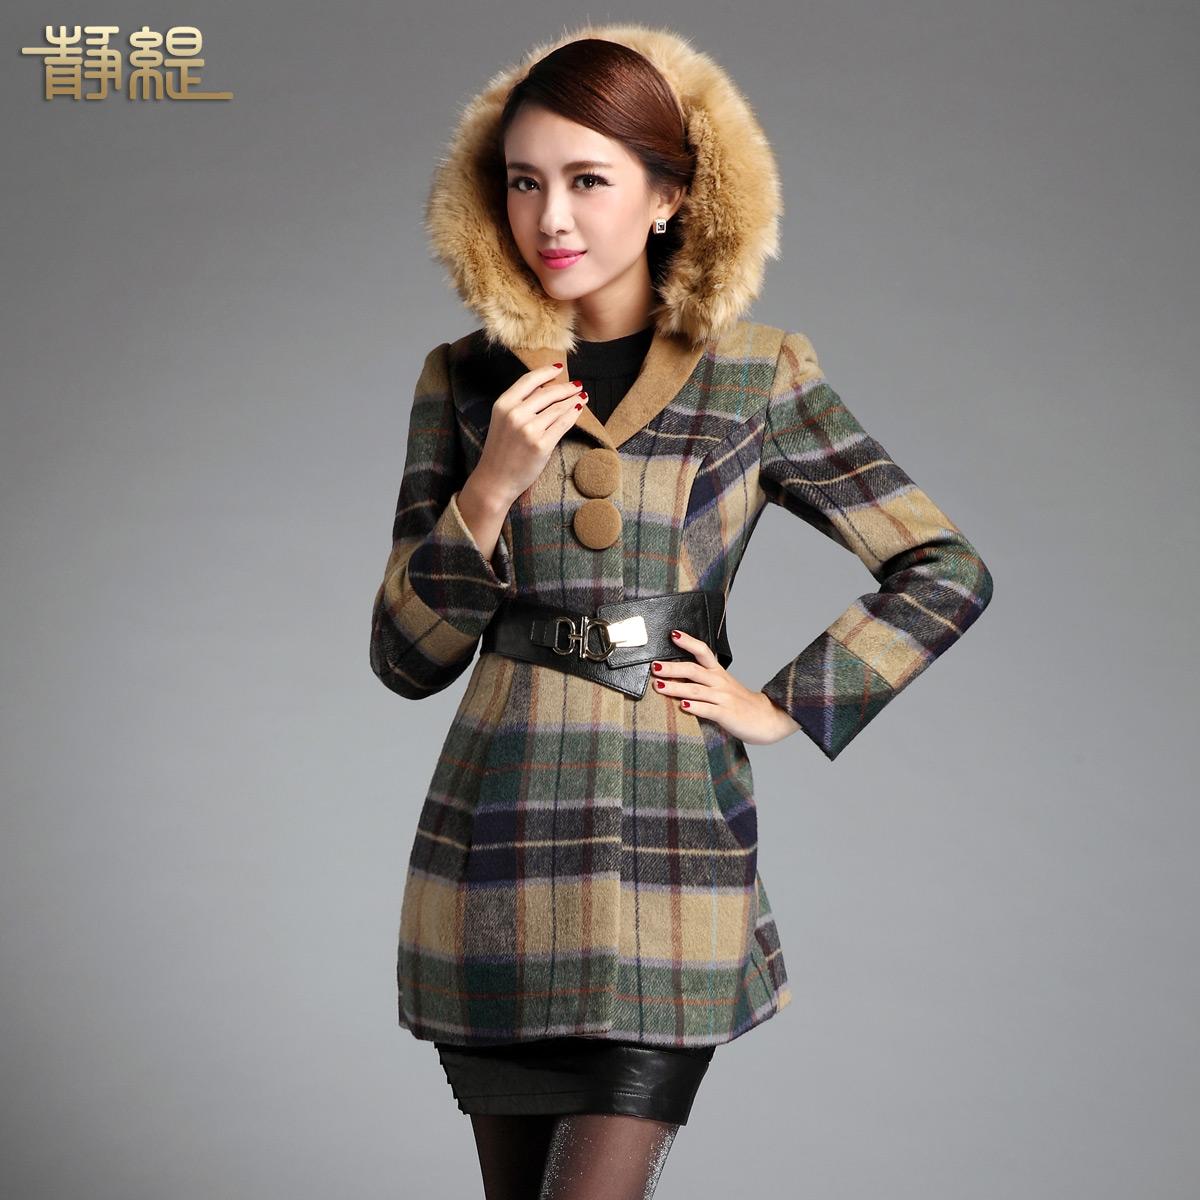 женское пальто Static twips jt8109 2013 8109 Static twips